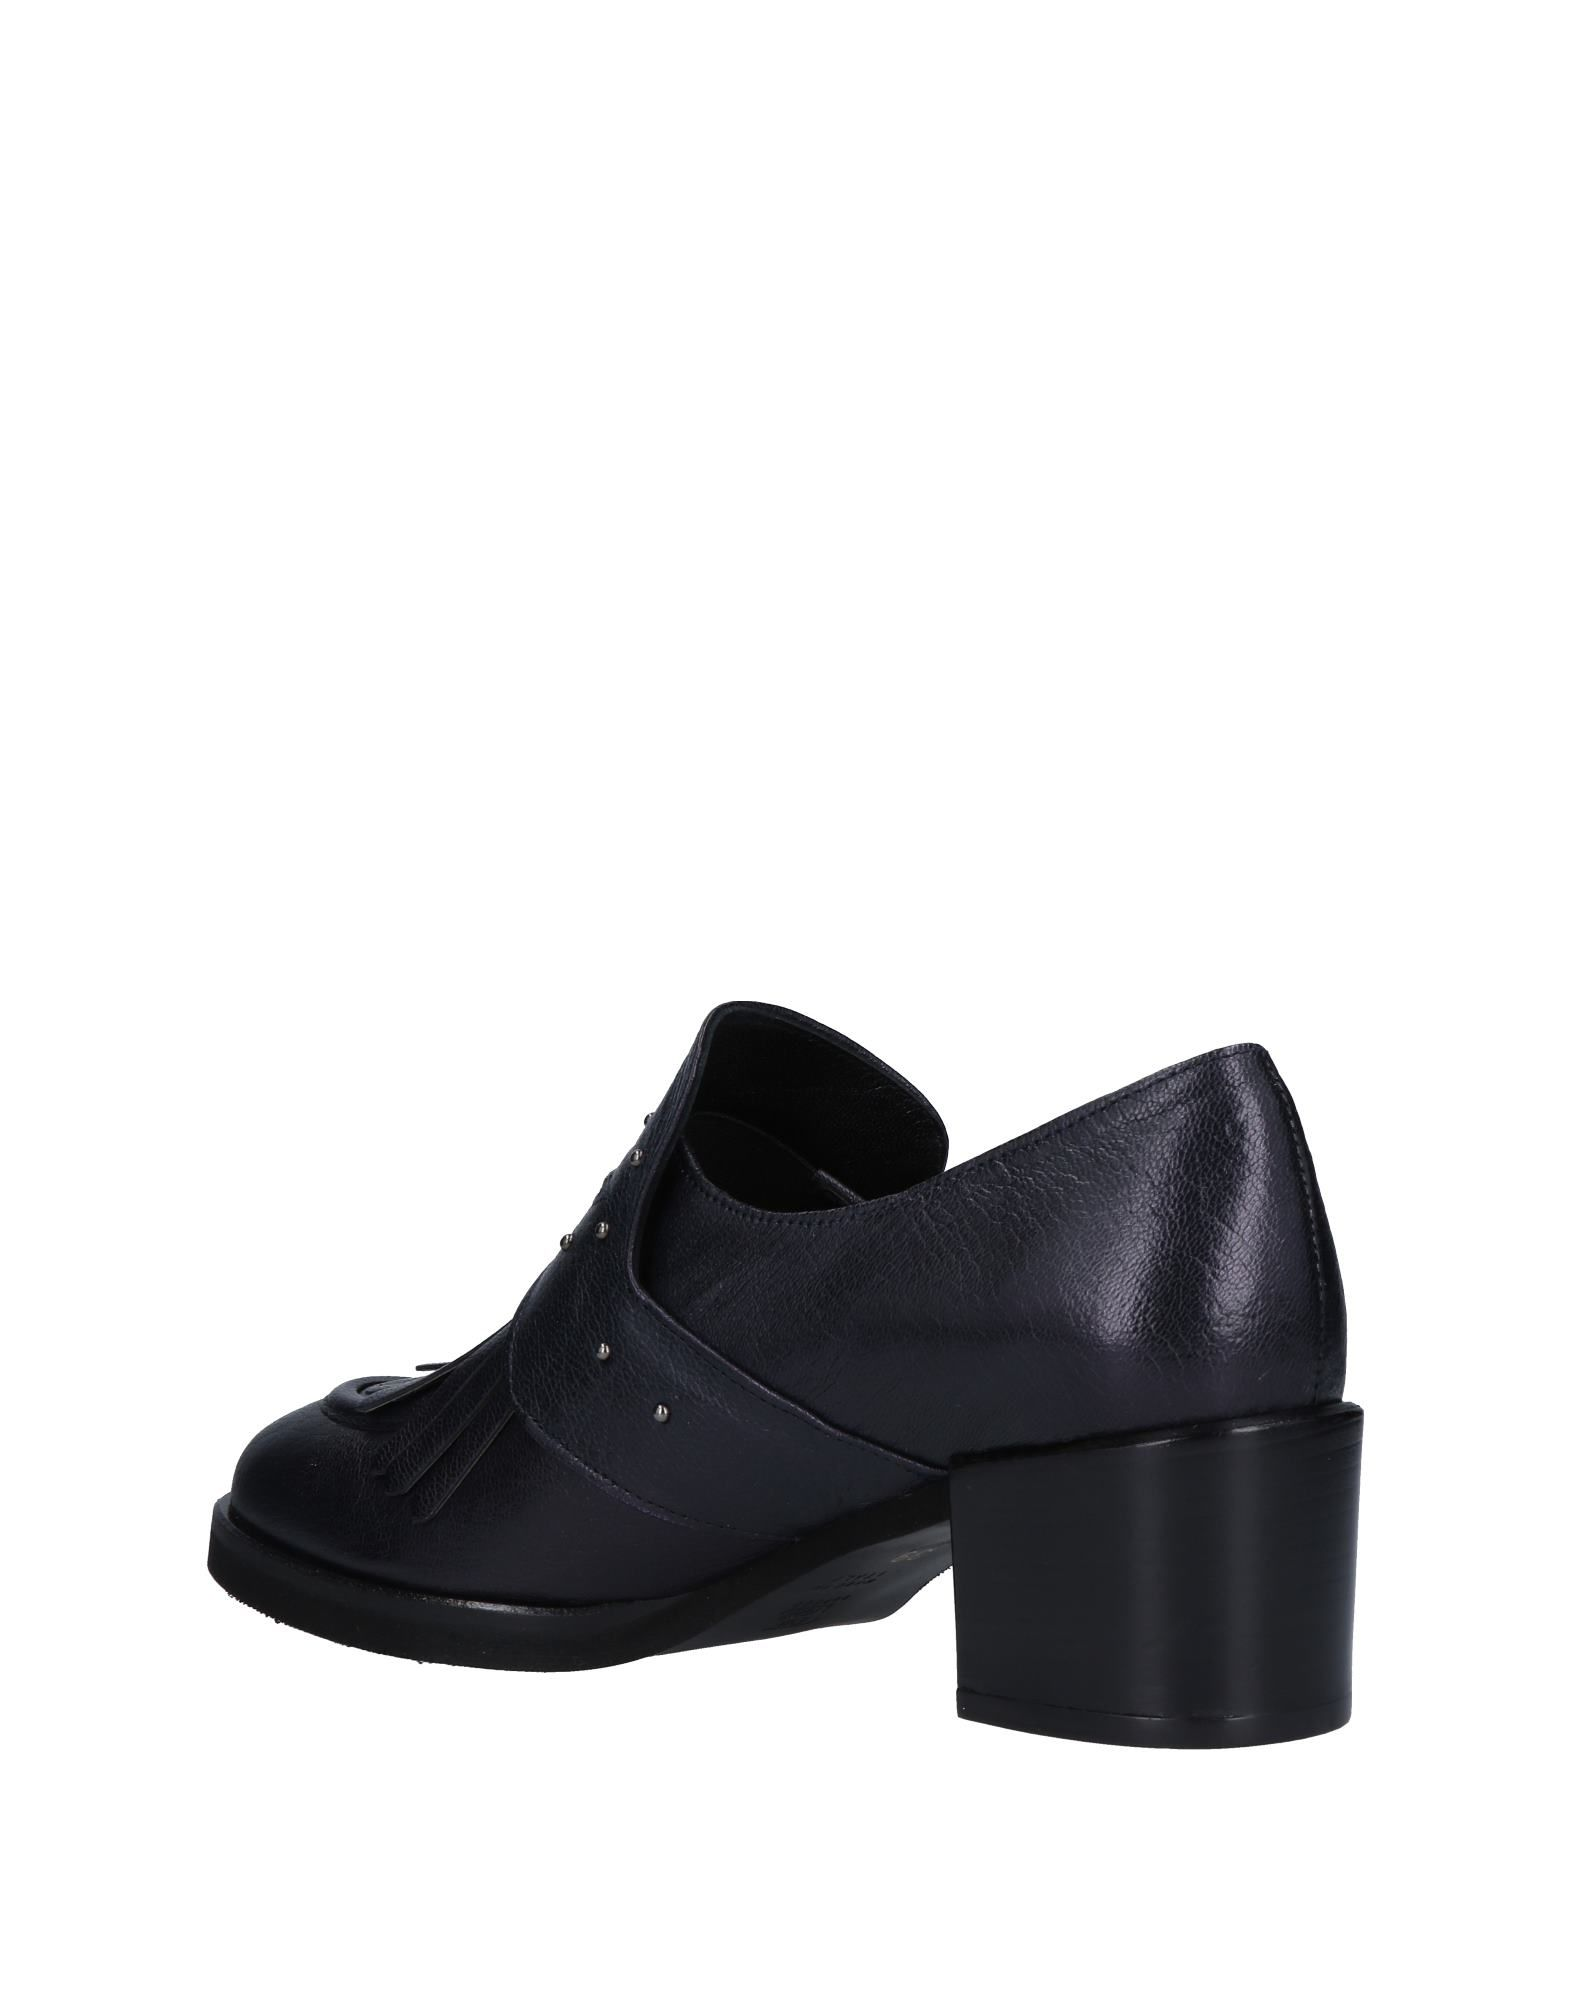 Silvana Mokassins Damen  11502662OX Gute Qualität beliebte Schuhe